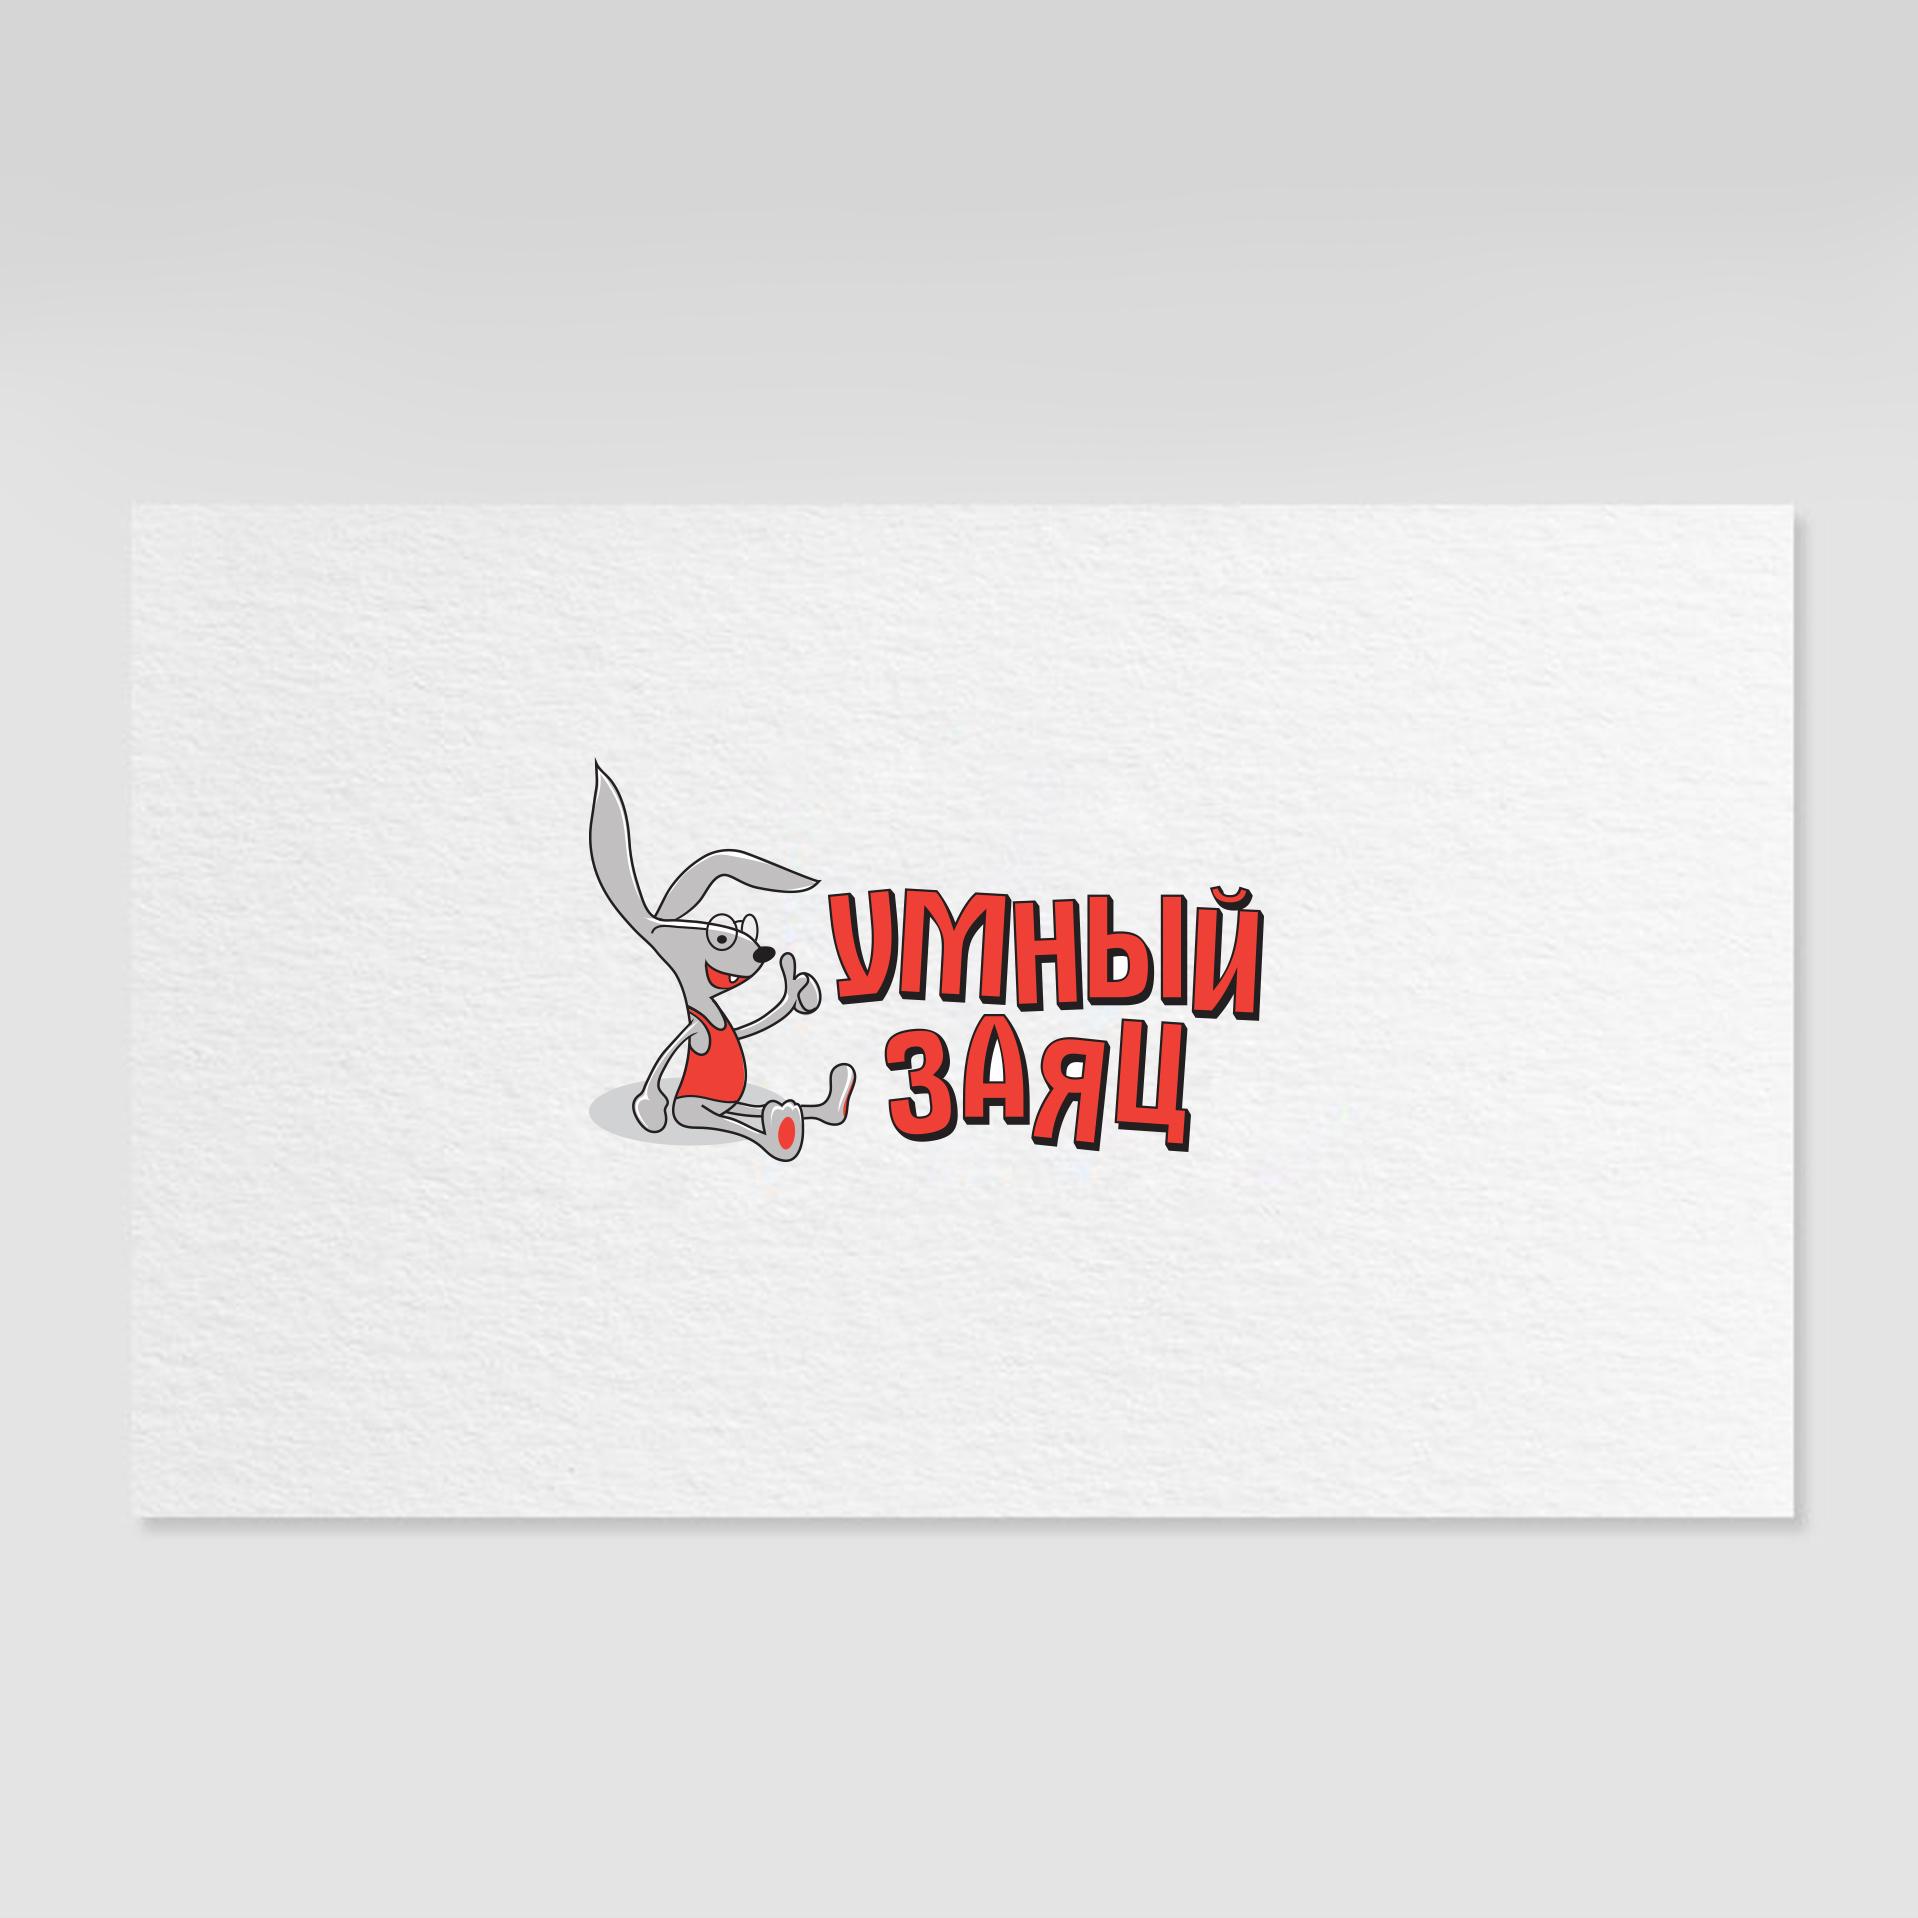 Разработать логотип и фирменный стиль детского клуба фото f_19655545e5909478.jpg